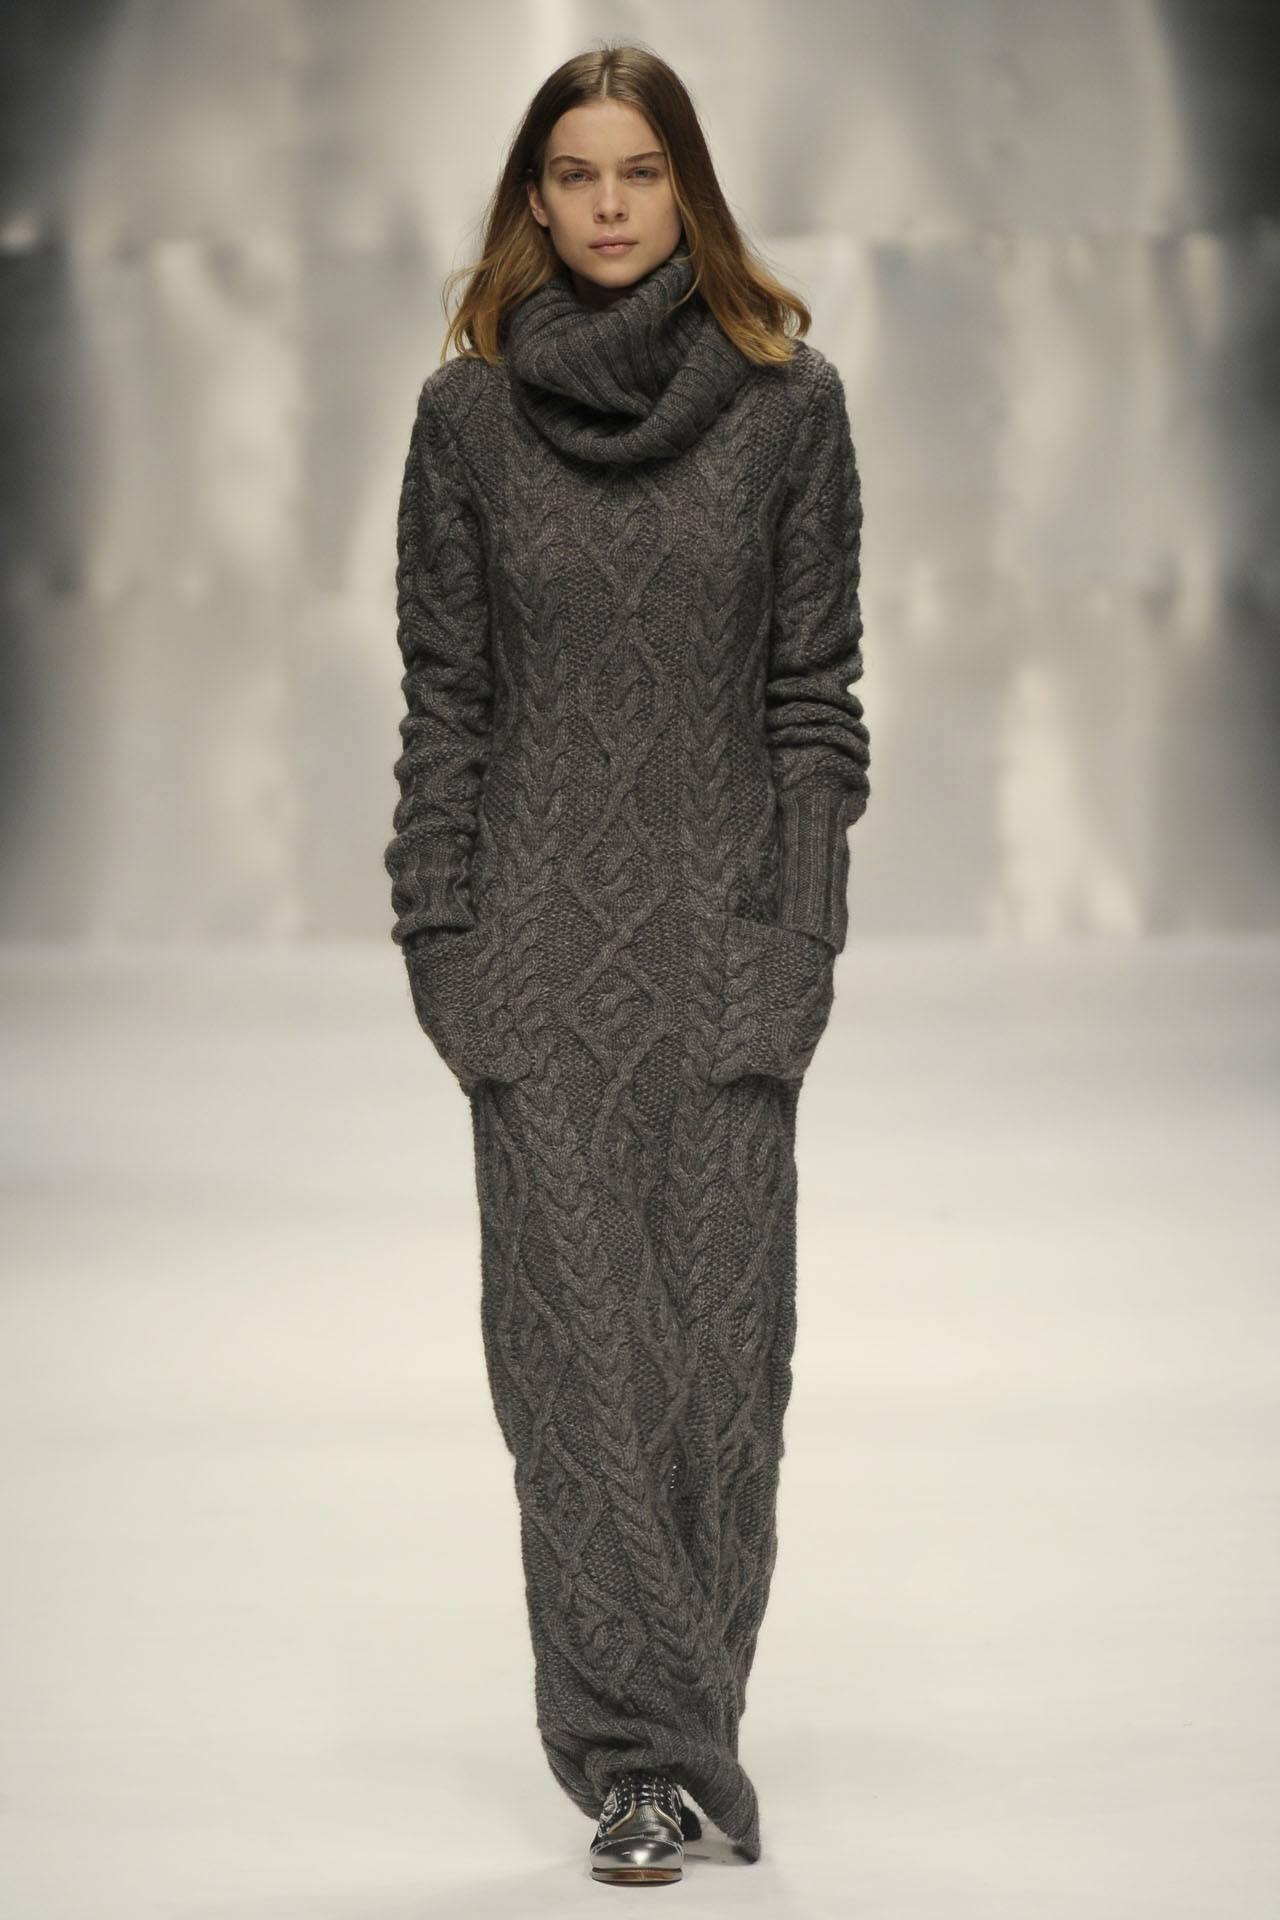 З чим носити в язане плаття  100 ідей і новинок. В язані сукні – популярний  тренд нинішнього сезону. Дизайнери запропонували безліч фасонів 3eca56c5277c4